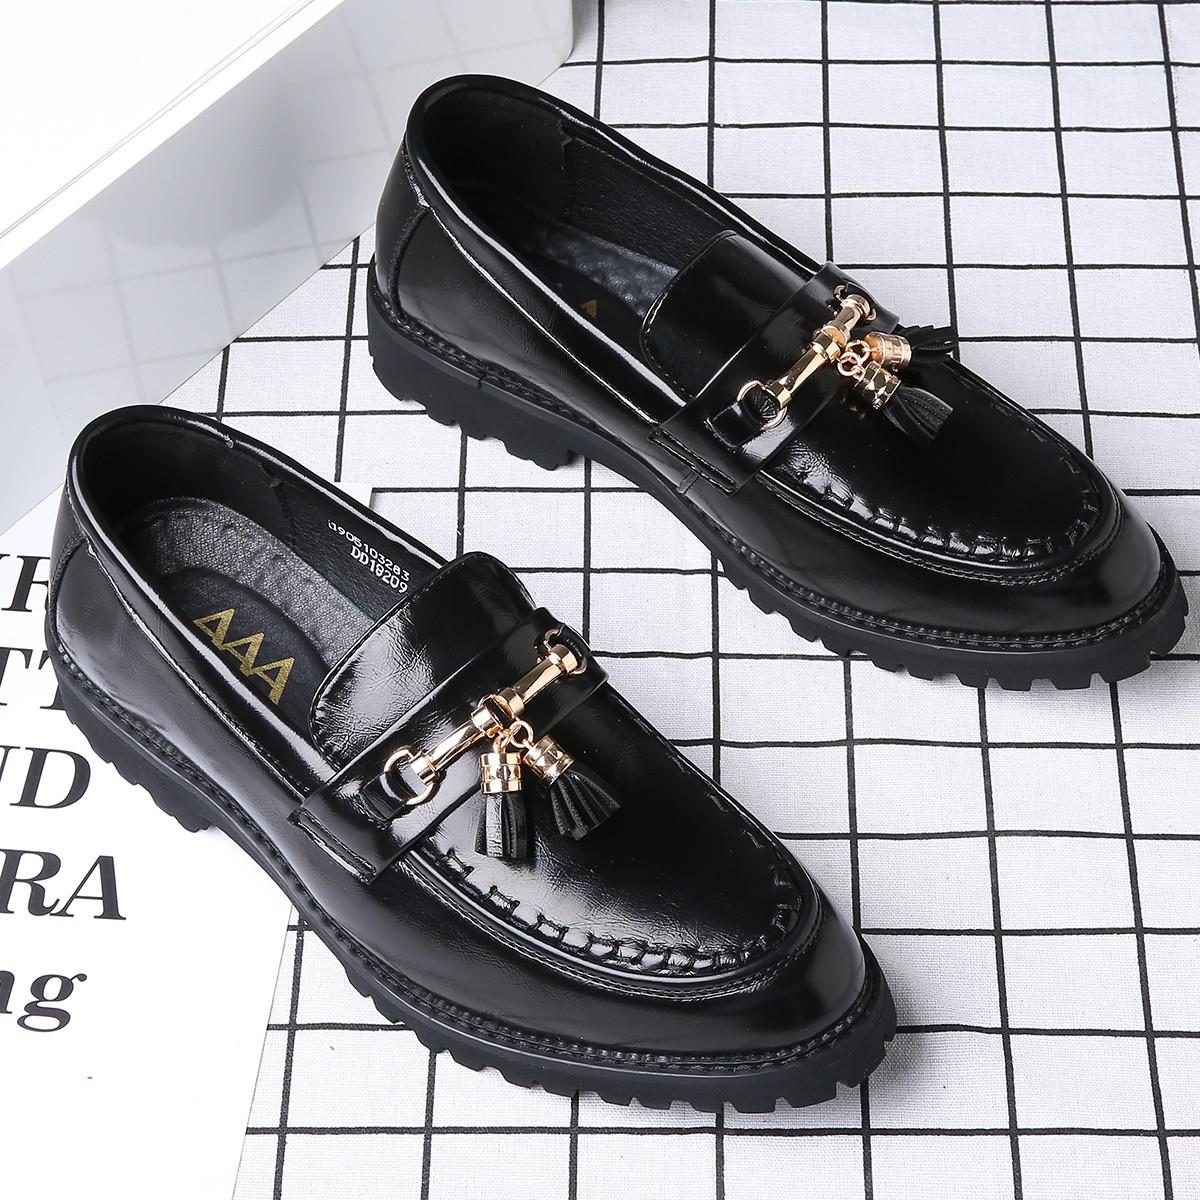 AAA休闲皮鞋男韩版发型师懒人鞋子时尚乐福鞋C18209001